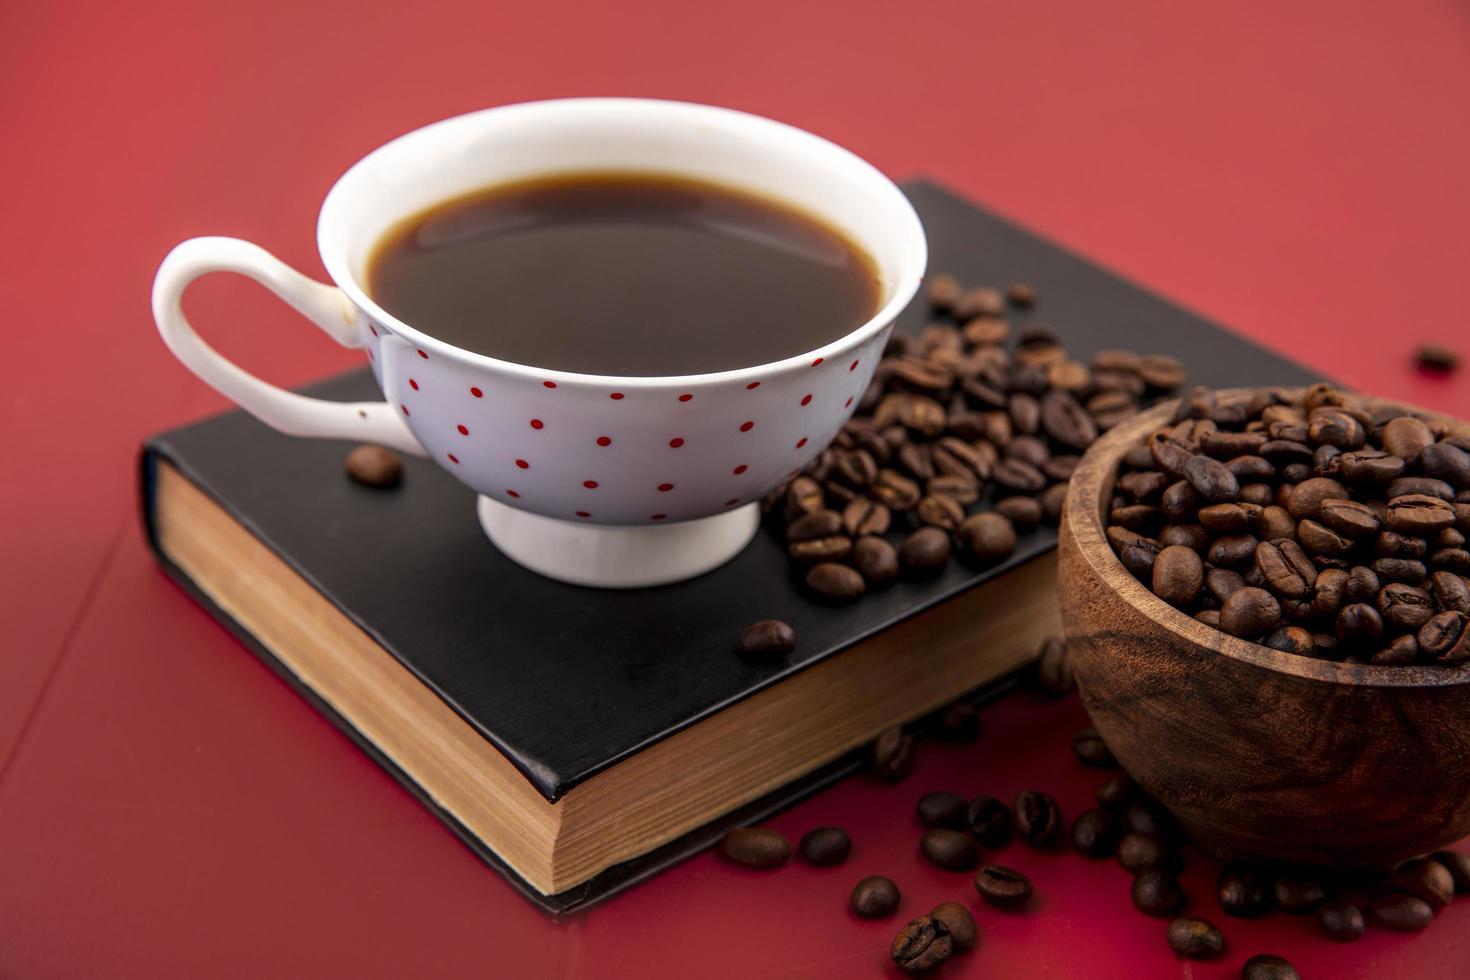 Vue de dessus d'une tasse de café avec des grains de café isolé sur fond rouge photo